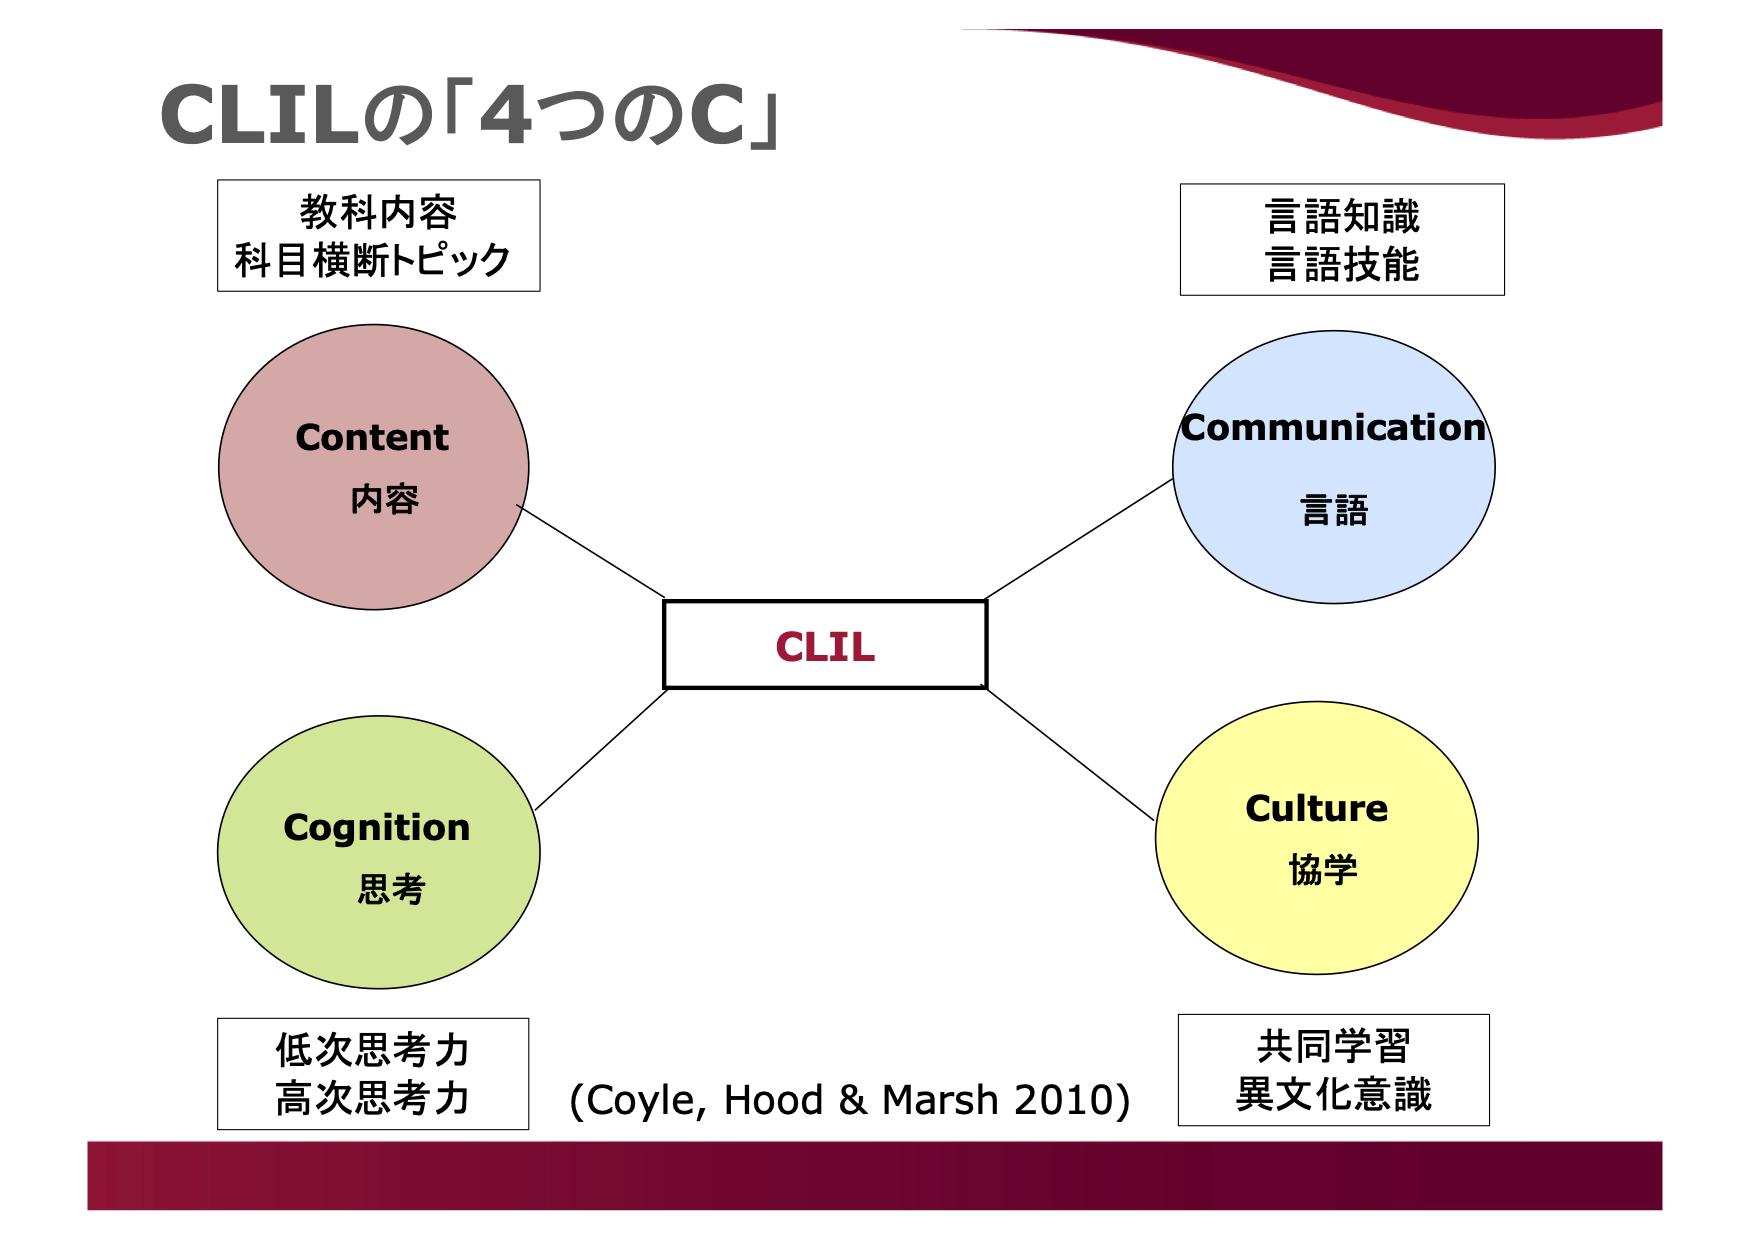 CLILの内容について|4つのC